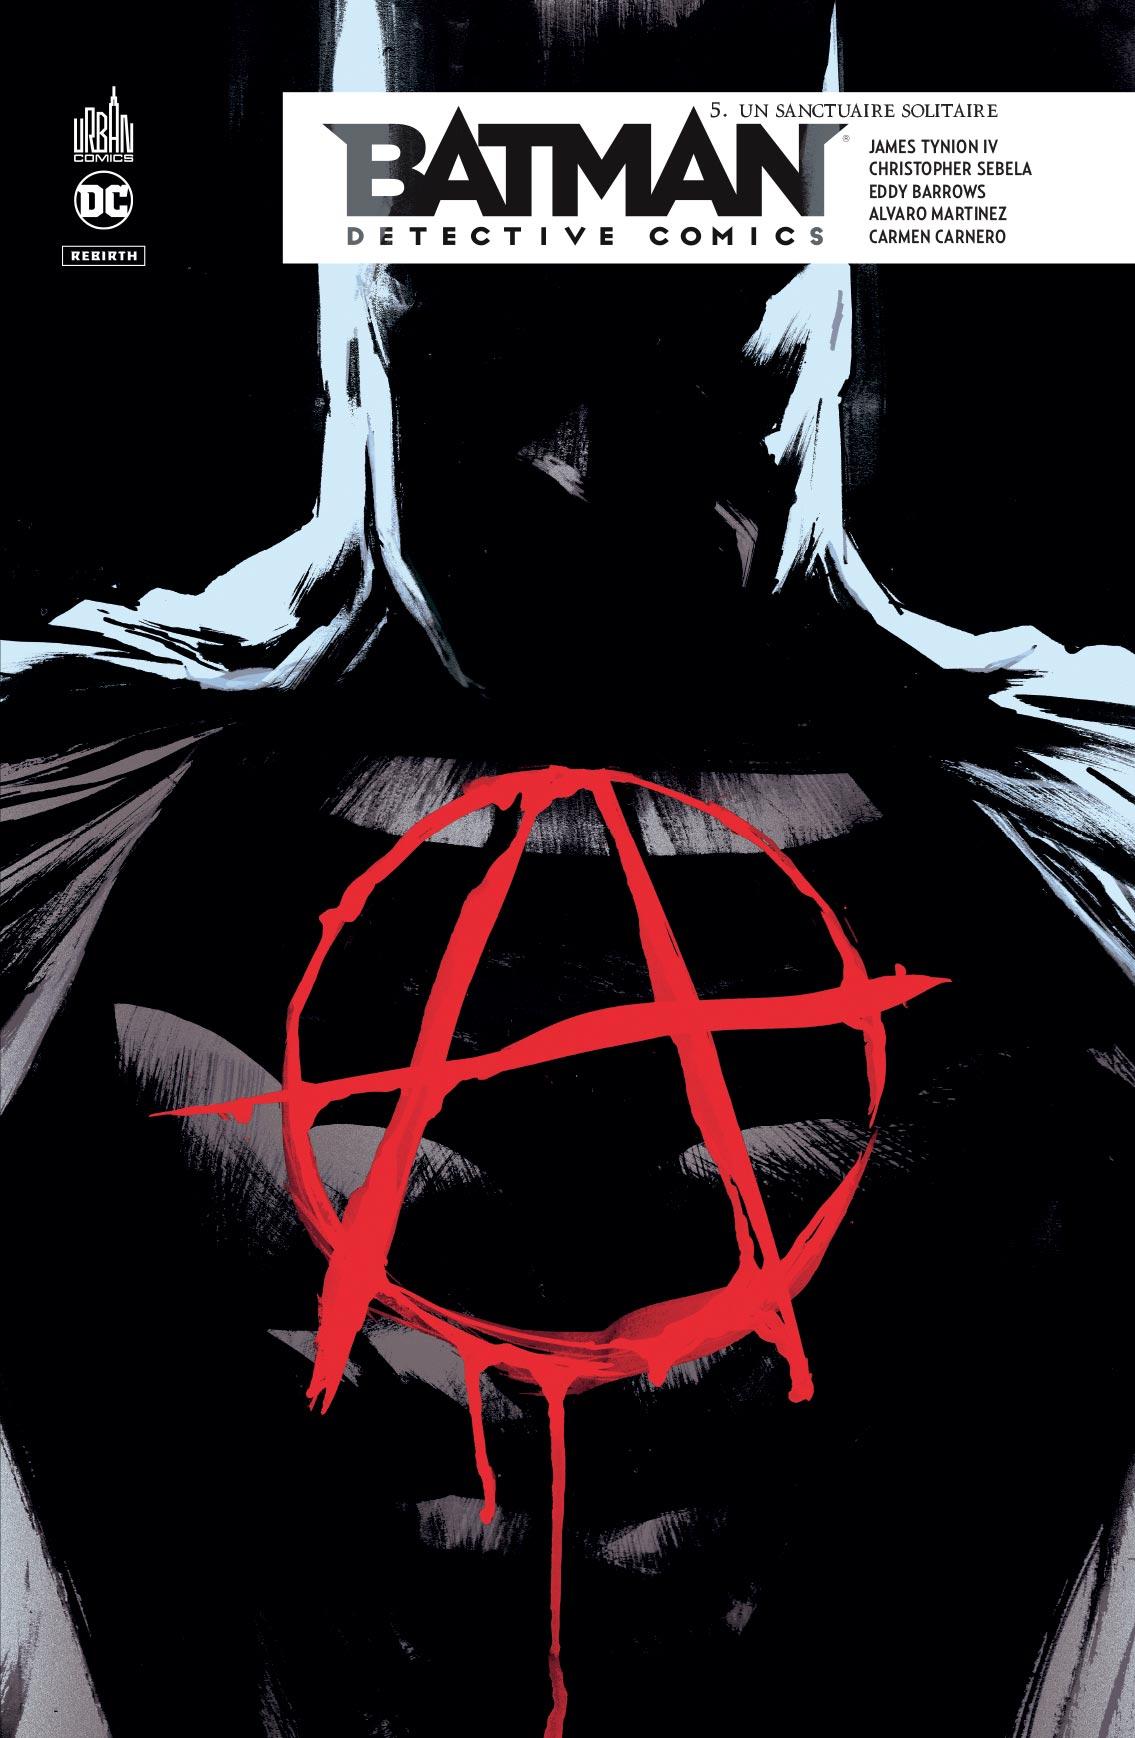 Batman - Detective Comics 5 - Un sanctuaire solitaire